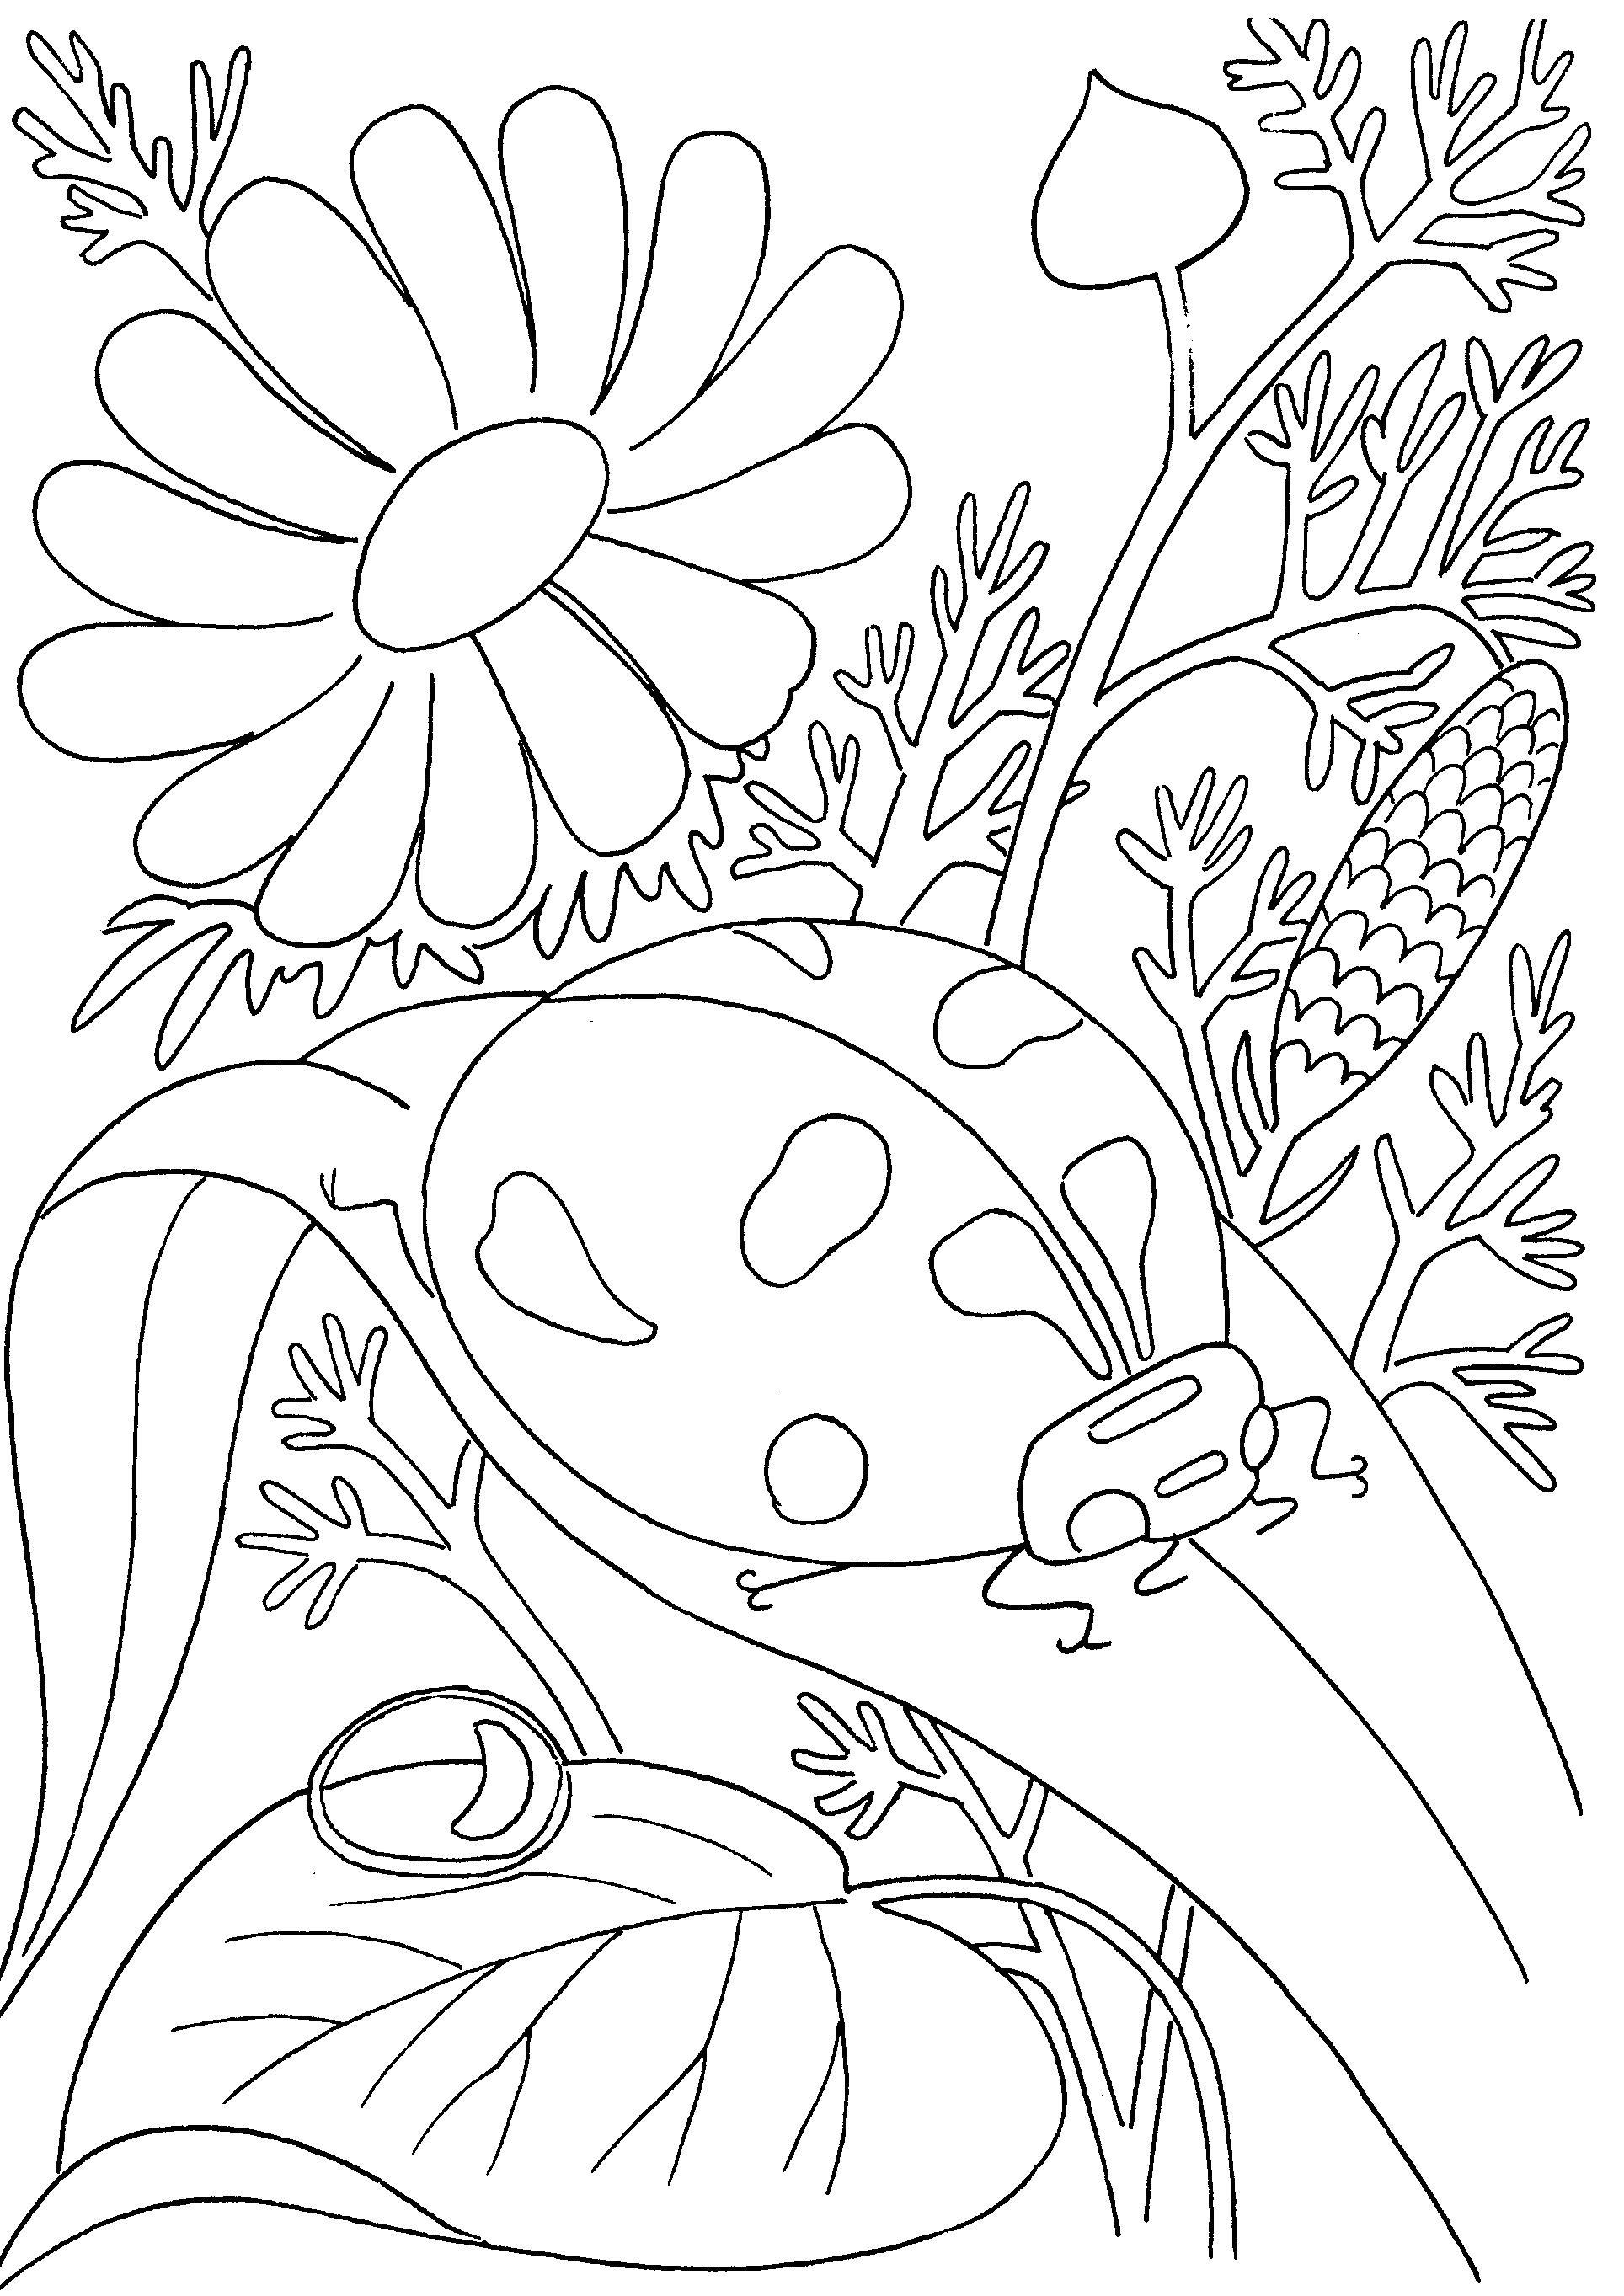 Божья коровка красивый цветок ромашки Раскраски бесплатно онлайн с цветамираскраски цветы